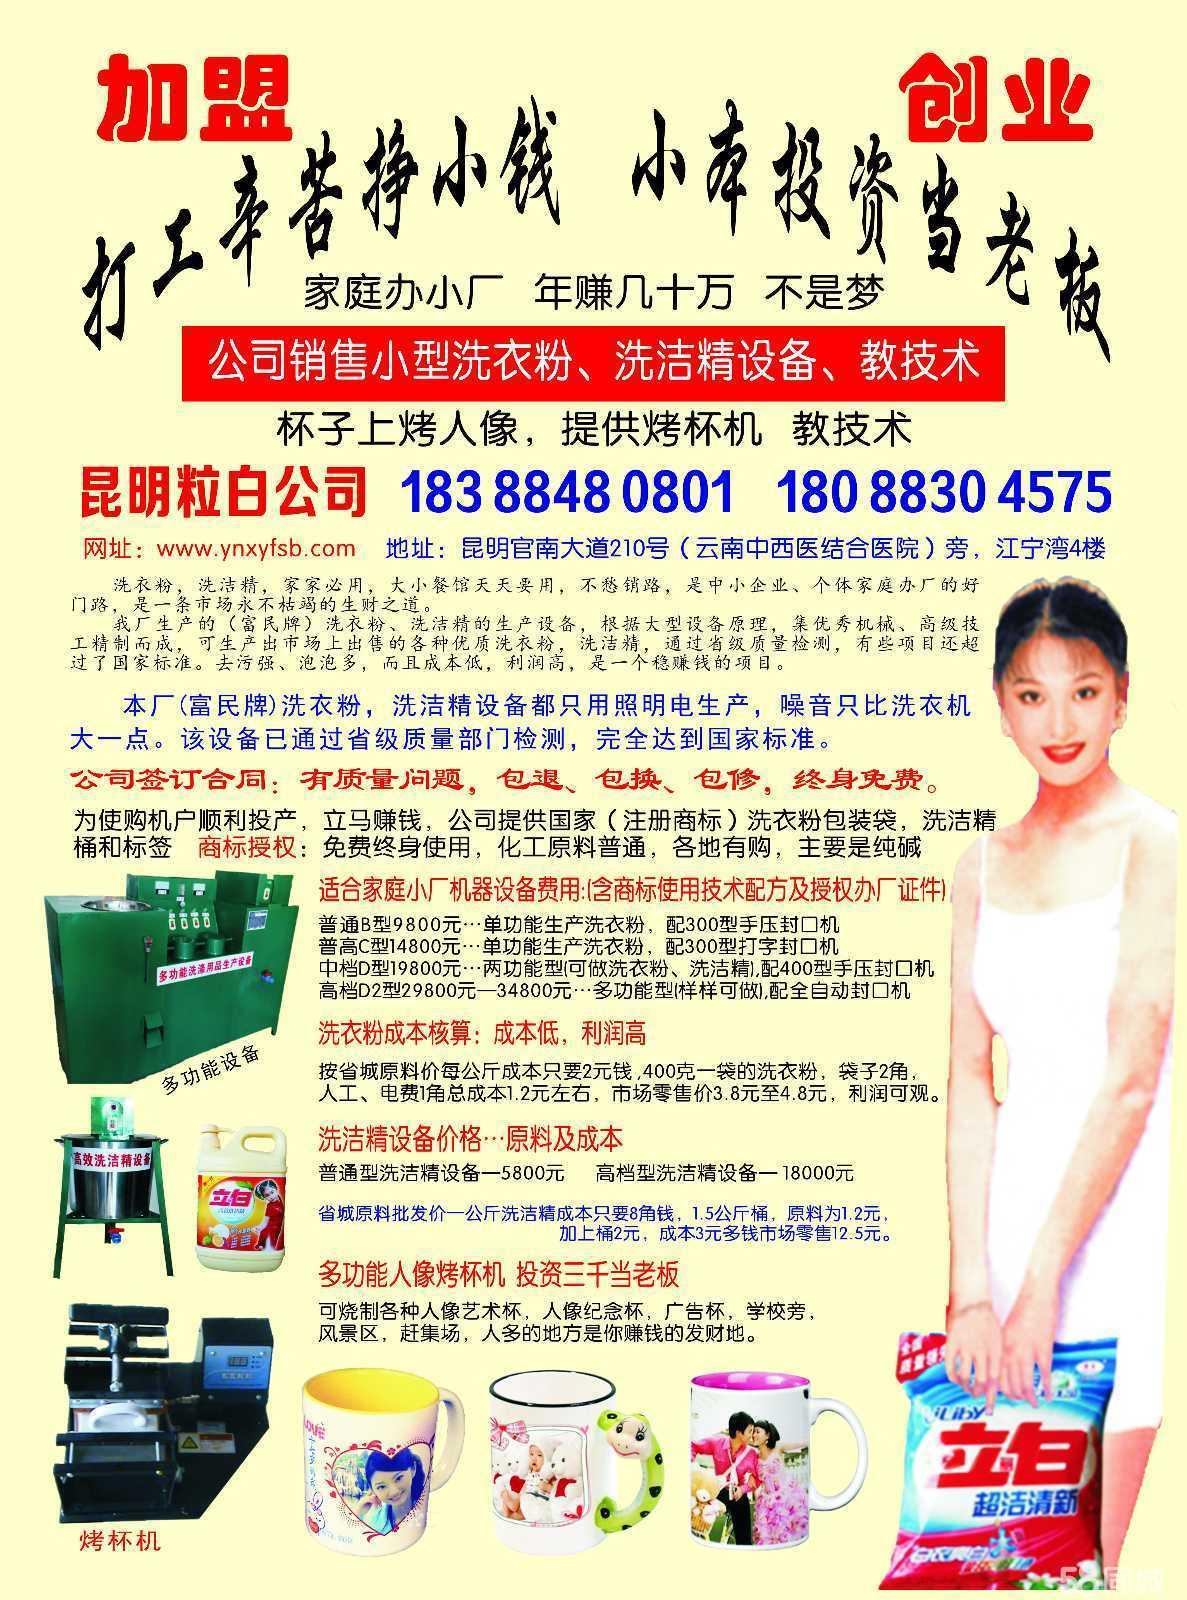 小型创业办厂好项目 开办小型家庭洗衣粉厂稳赚钱